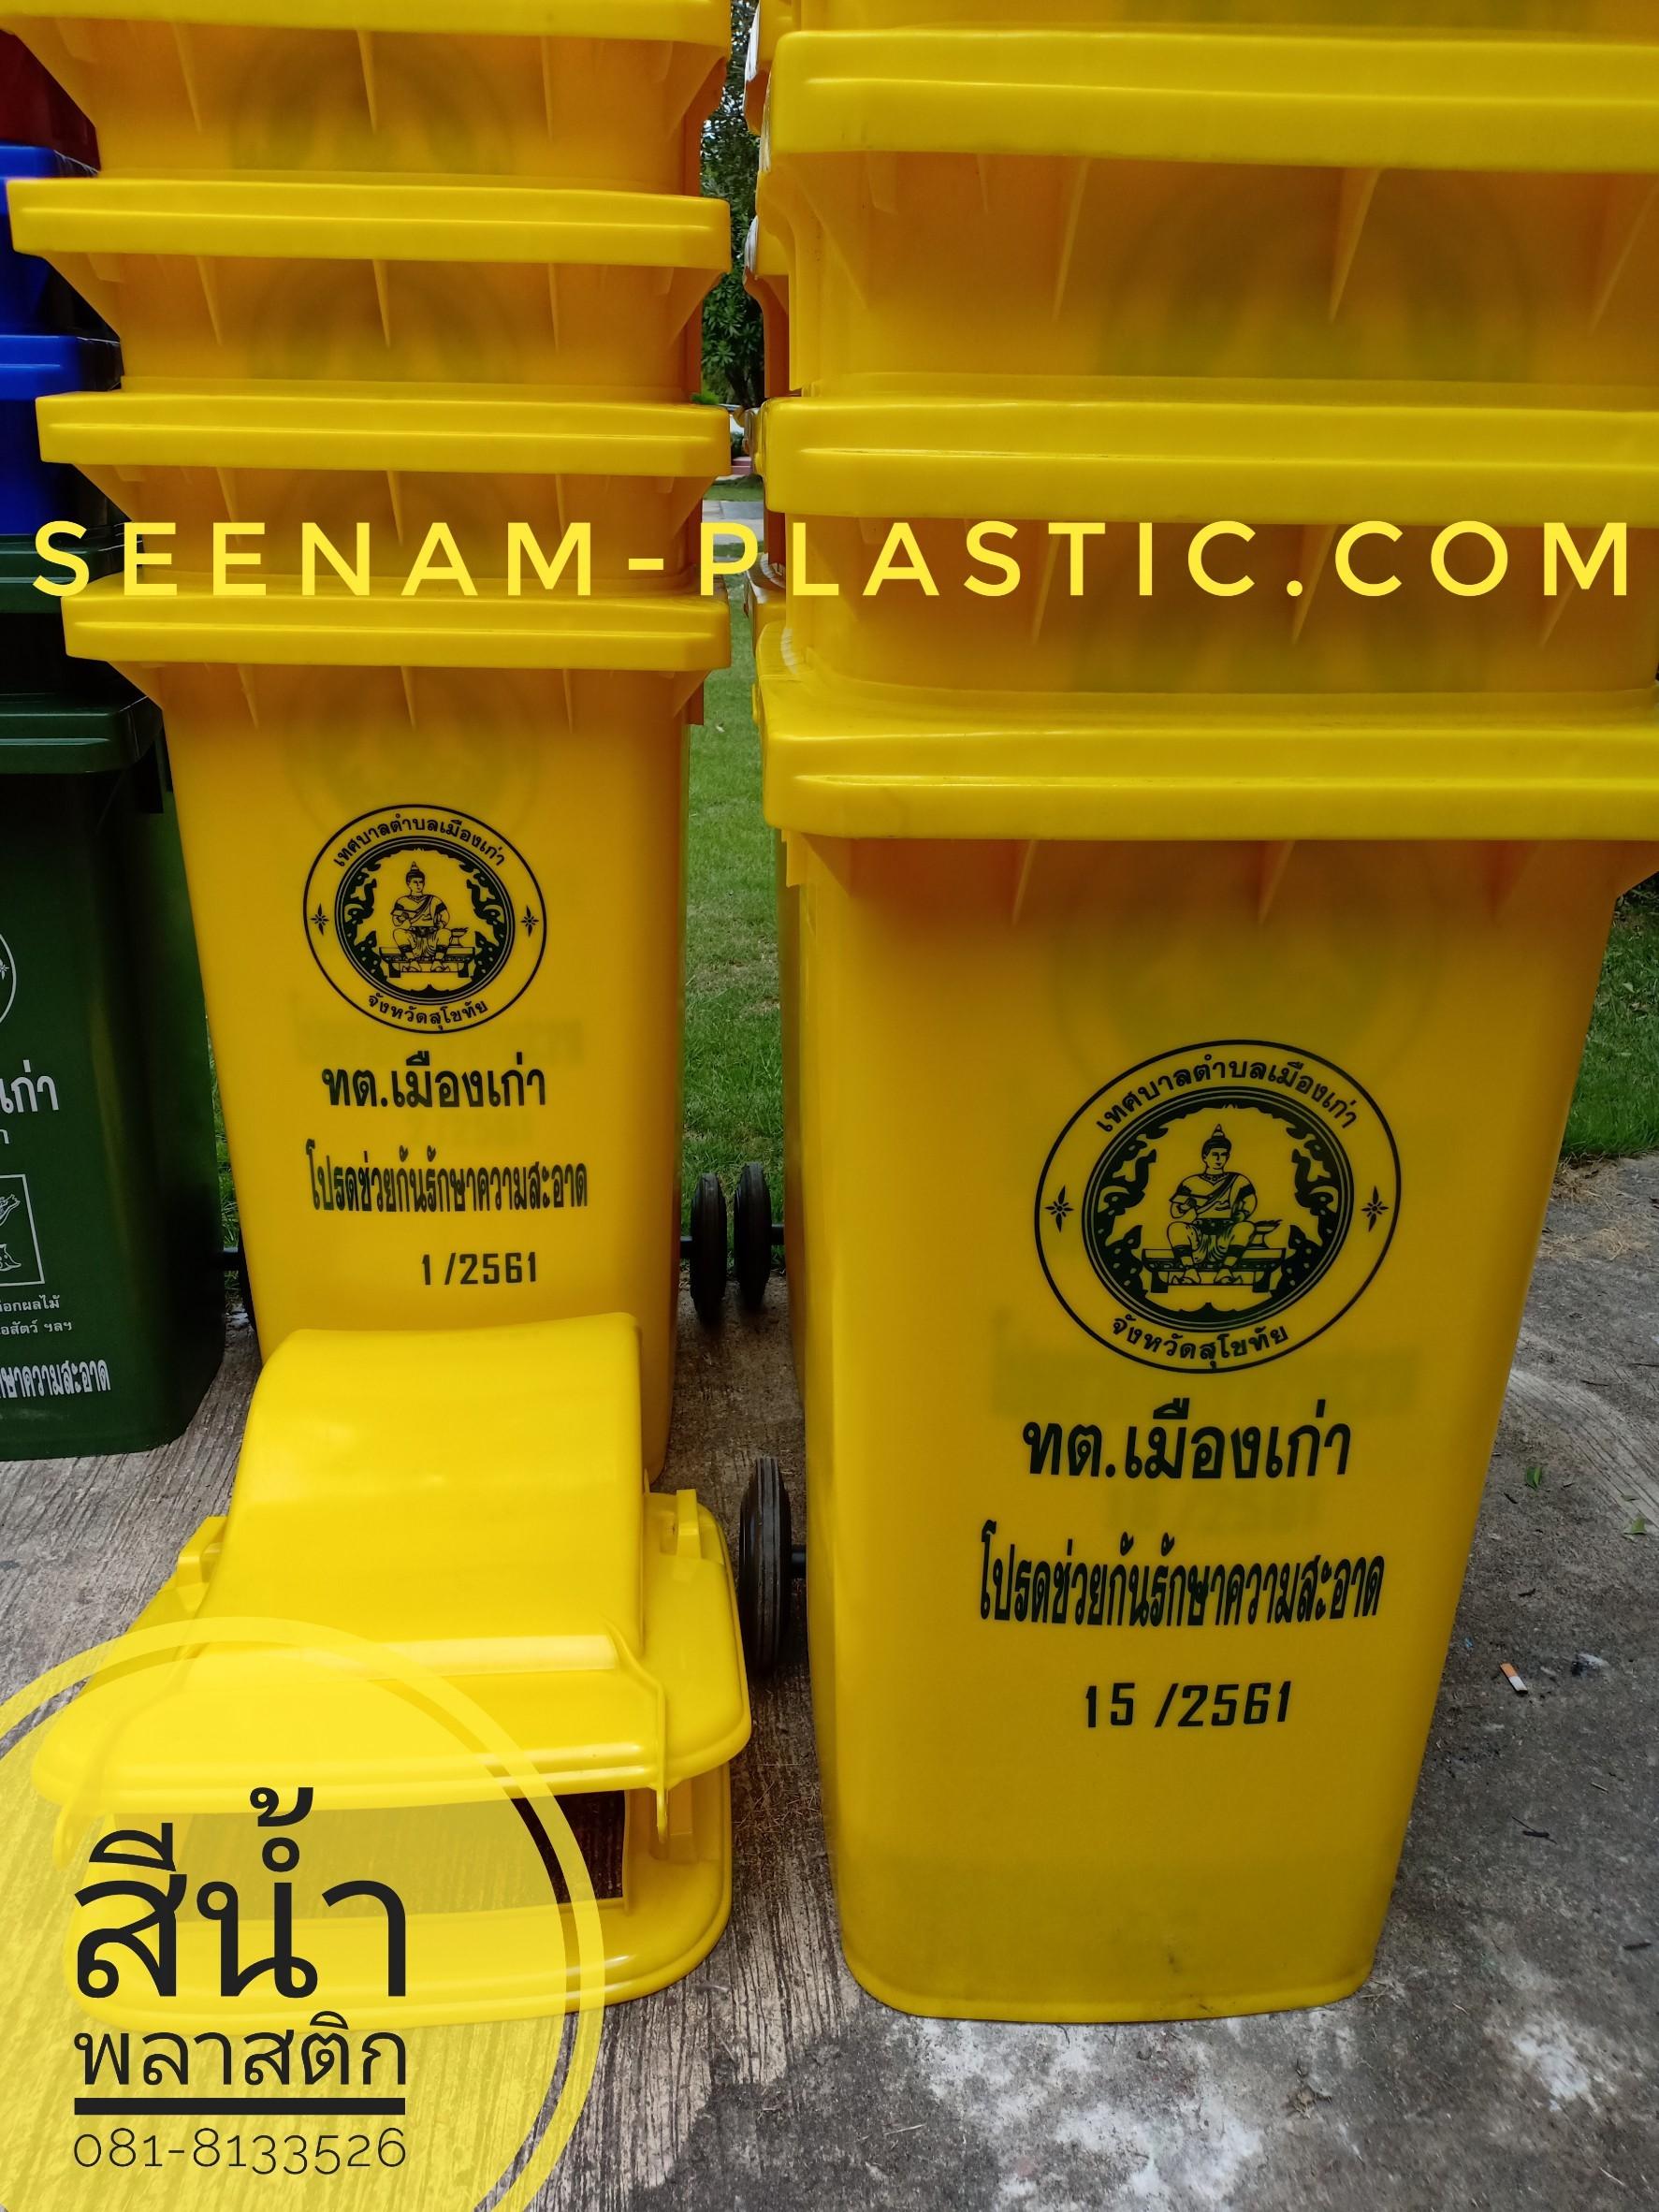 ถังขยะ240ลิตร ถังขยะพลาสติก240ลิตร มีล้อ ถังขยะพลาสติก ถังขยะเทศบาล ถังขยะกทม ขายส่งถังขยะพลาสติก